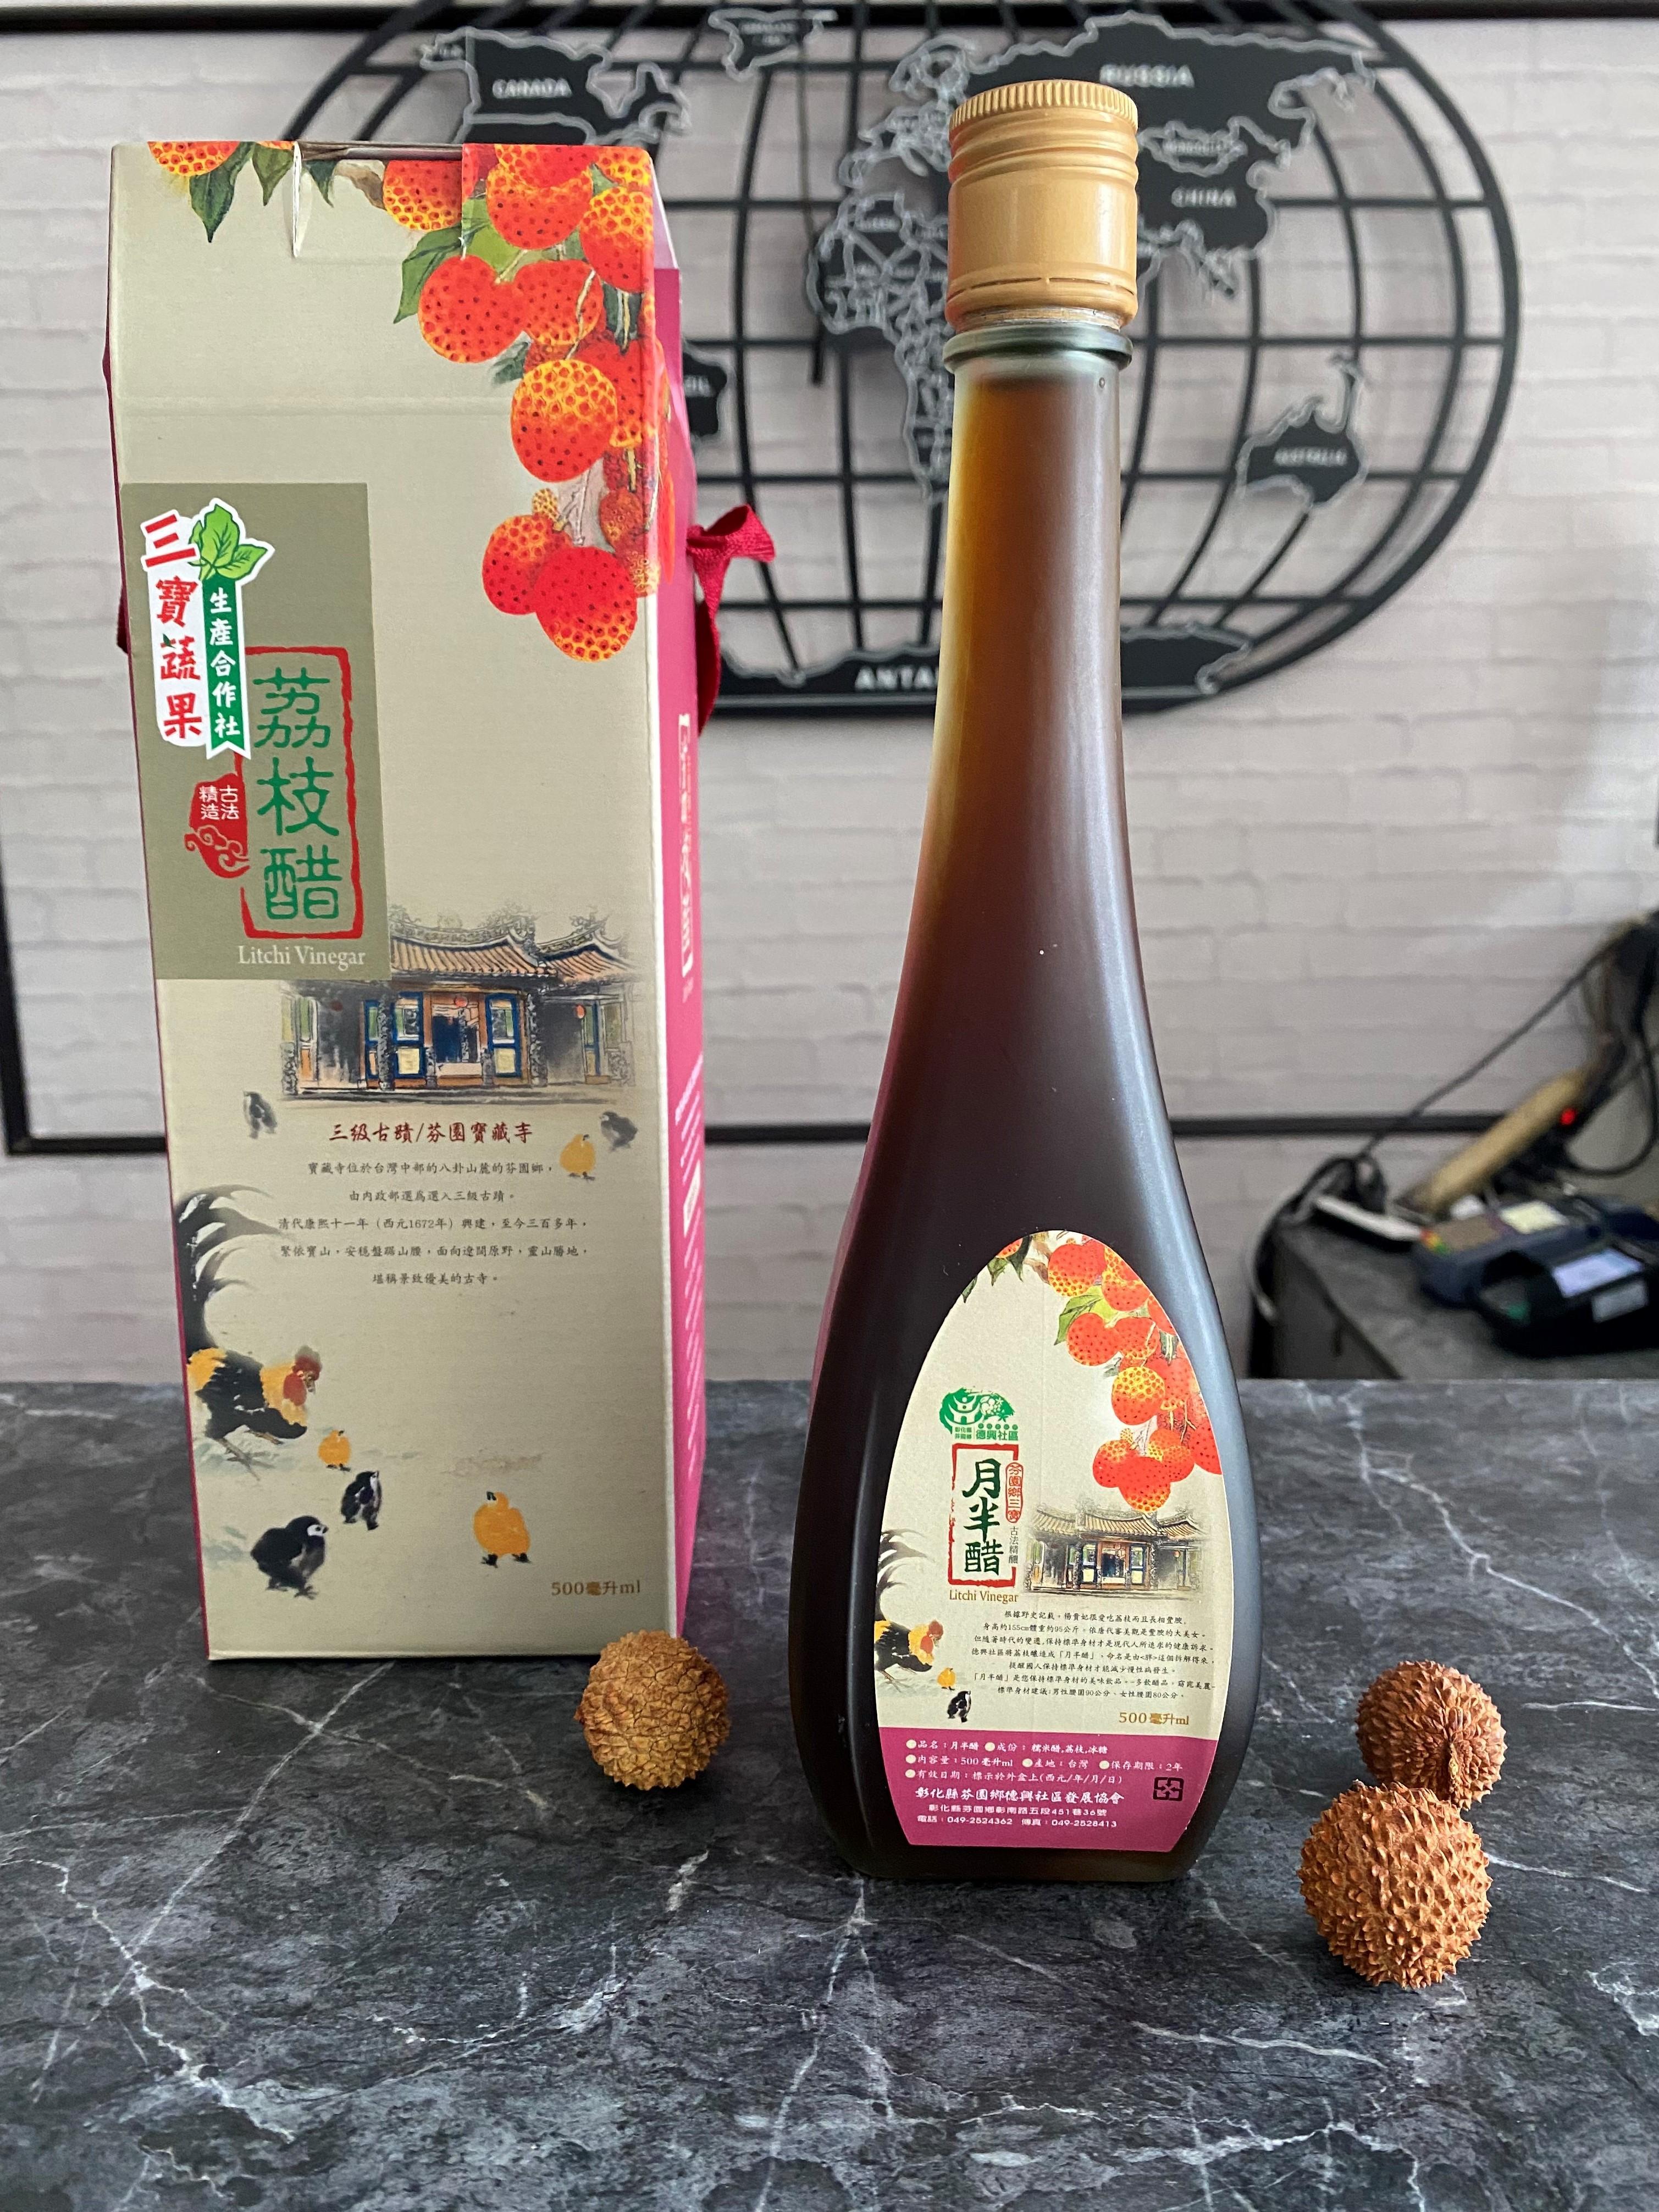 ▲圖3.彰化縣芬園三寶蔬果生產合作社出品的荔枝醋禮盒